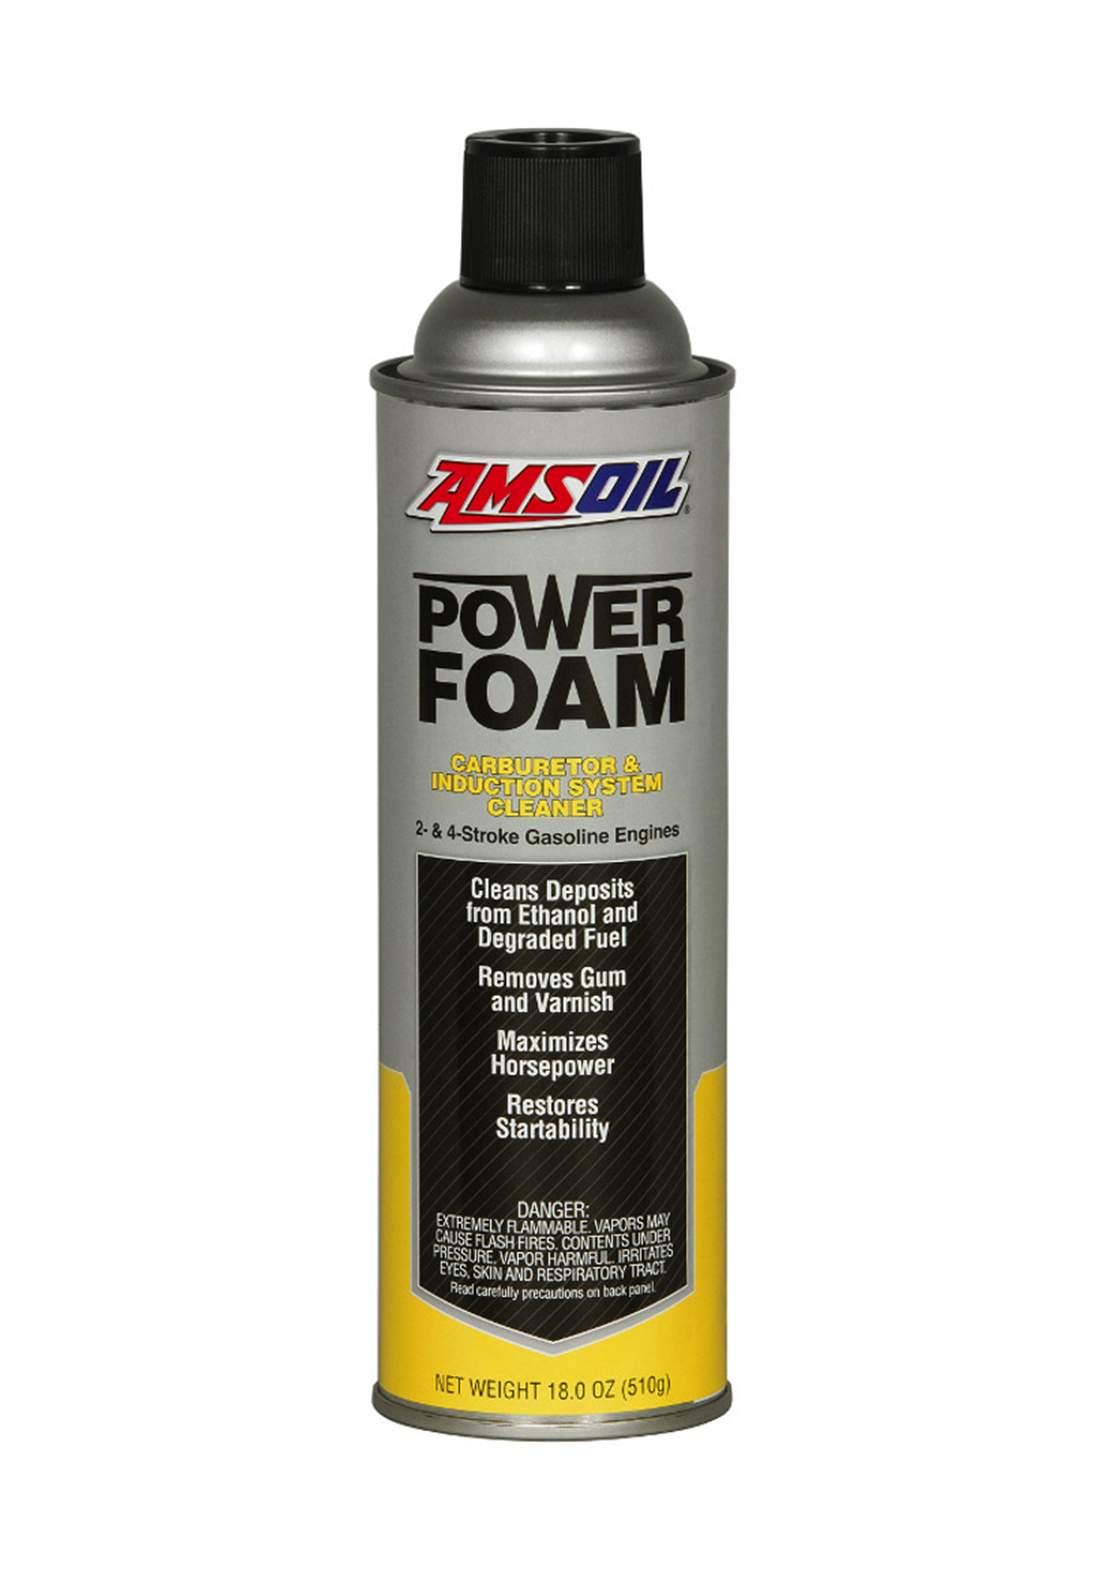 AMSOil Power Foam رغوة تنظيف المحرك